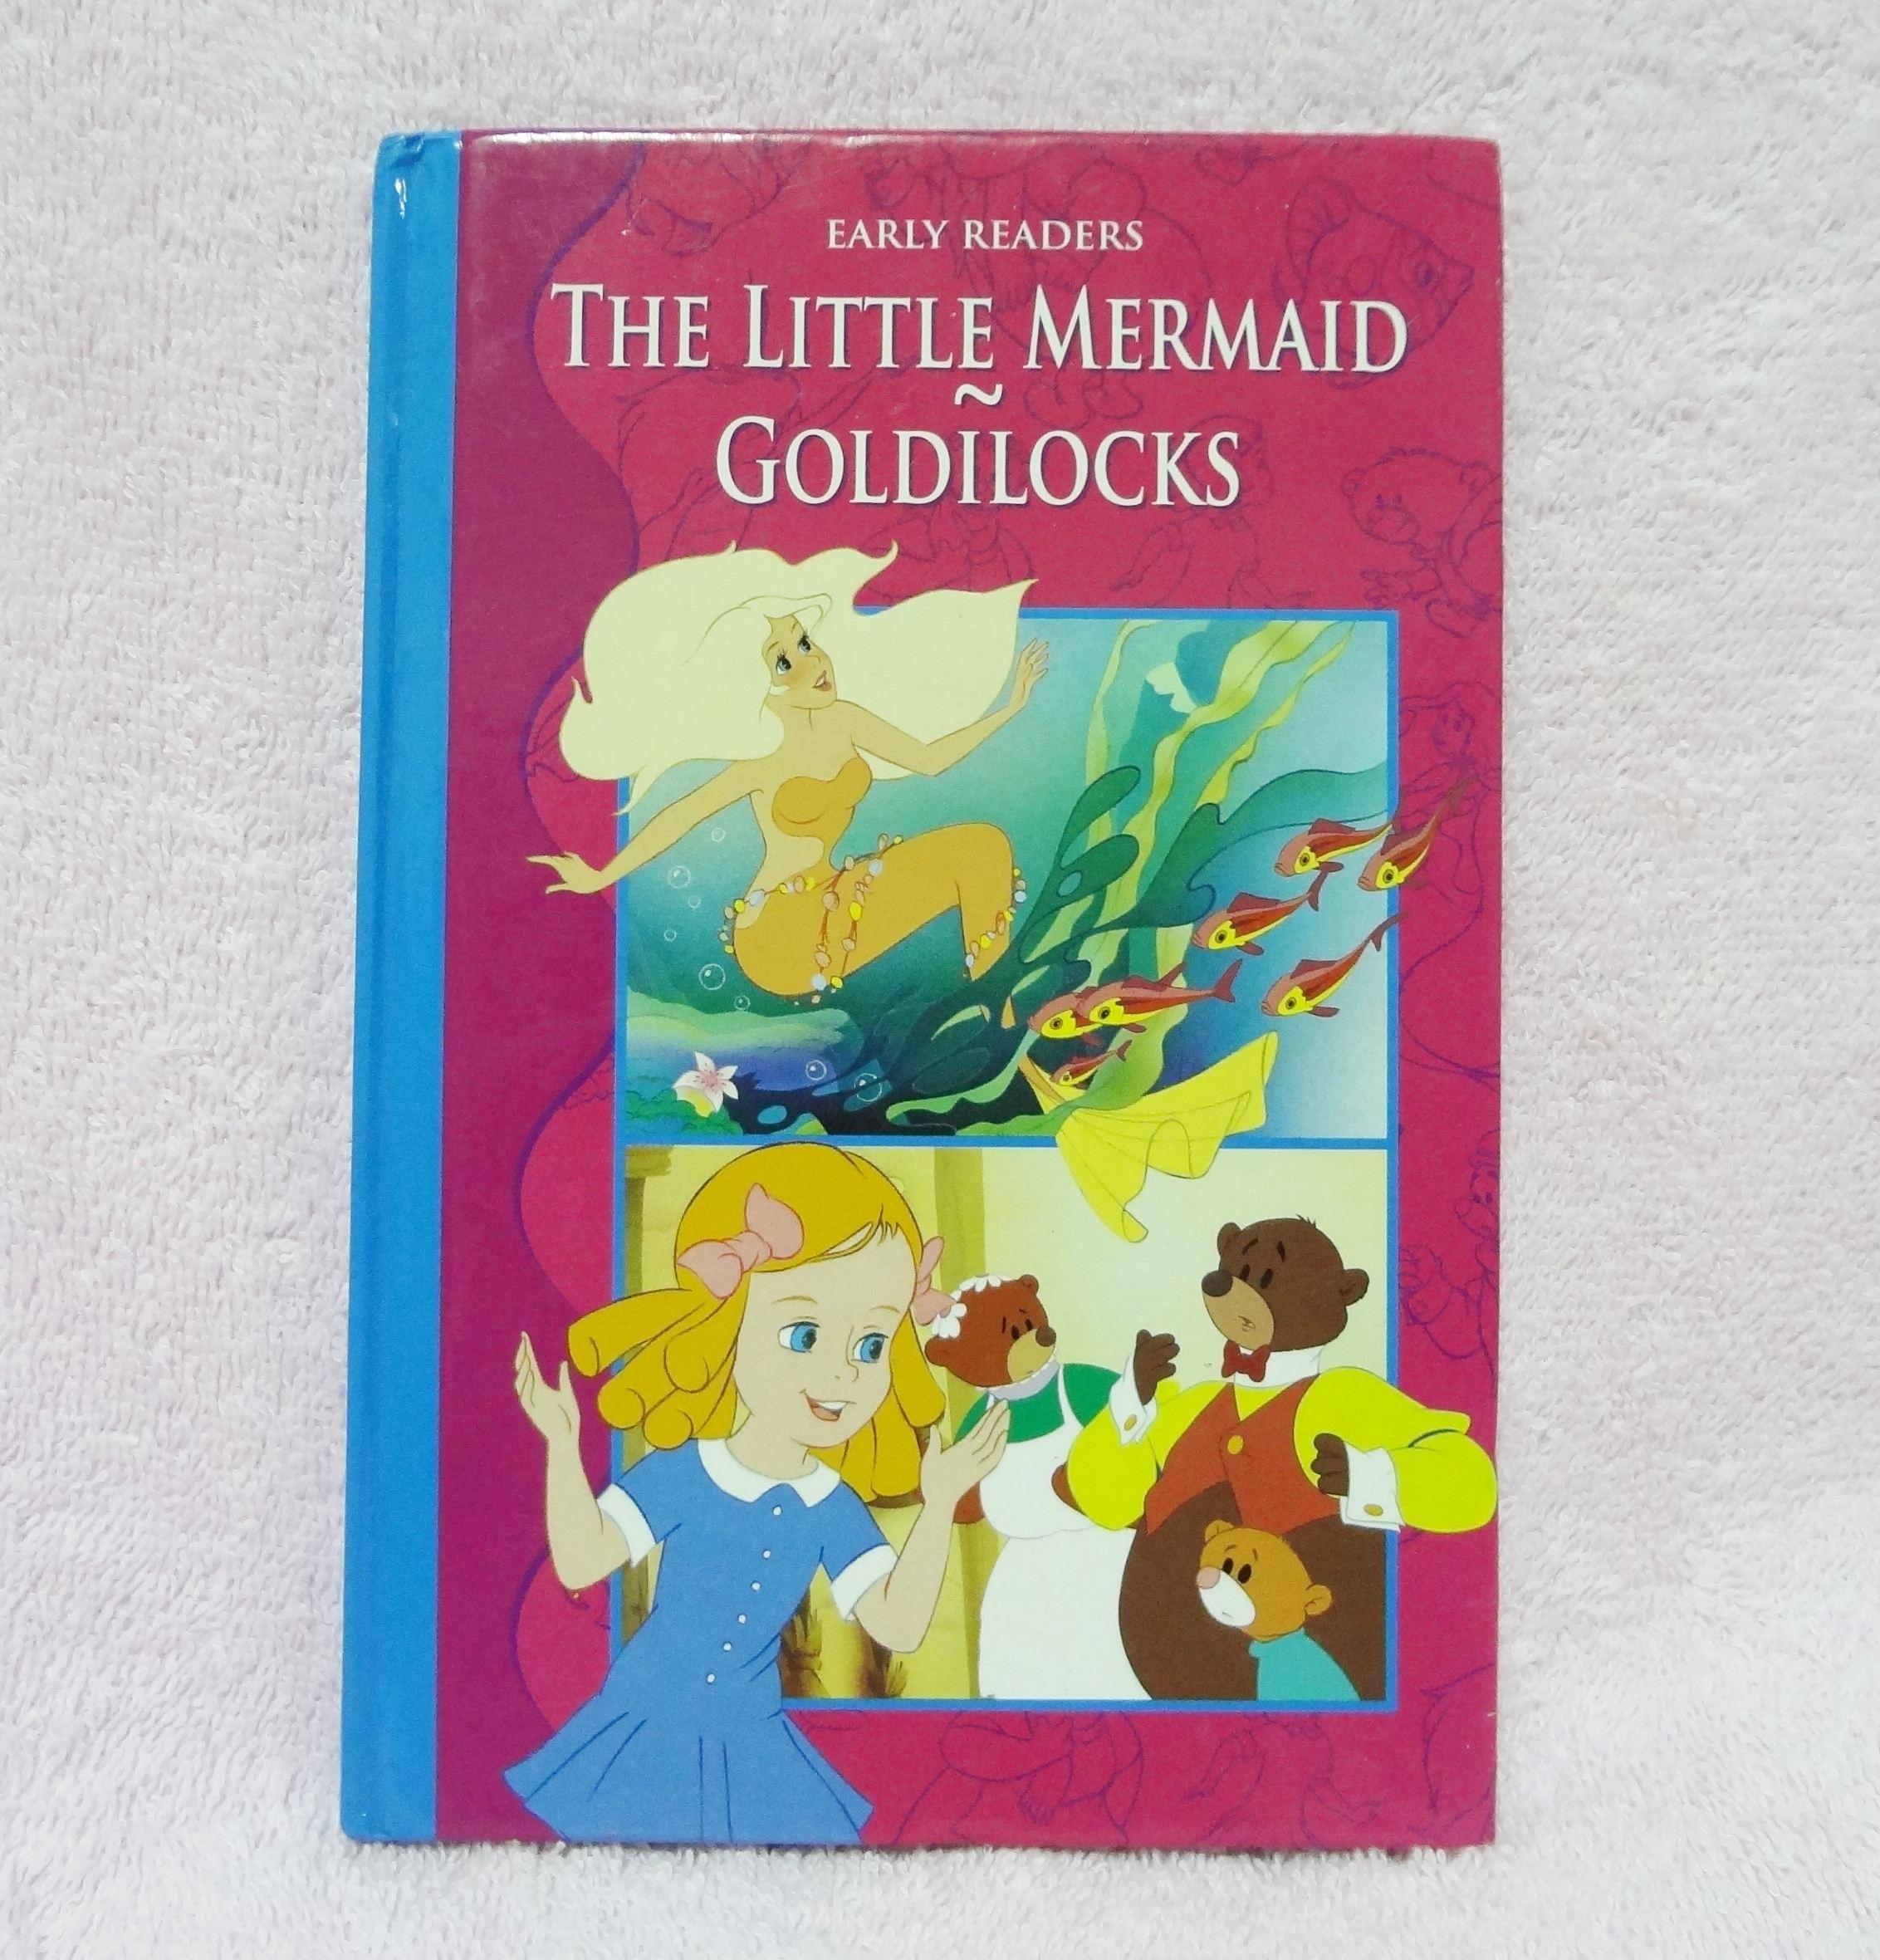 หนังสือนิทานเรื่อง The Little Mermaid - Goldilocks (2 เรื่องในเล่มเดียว)